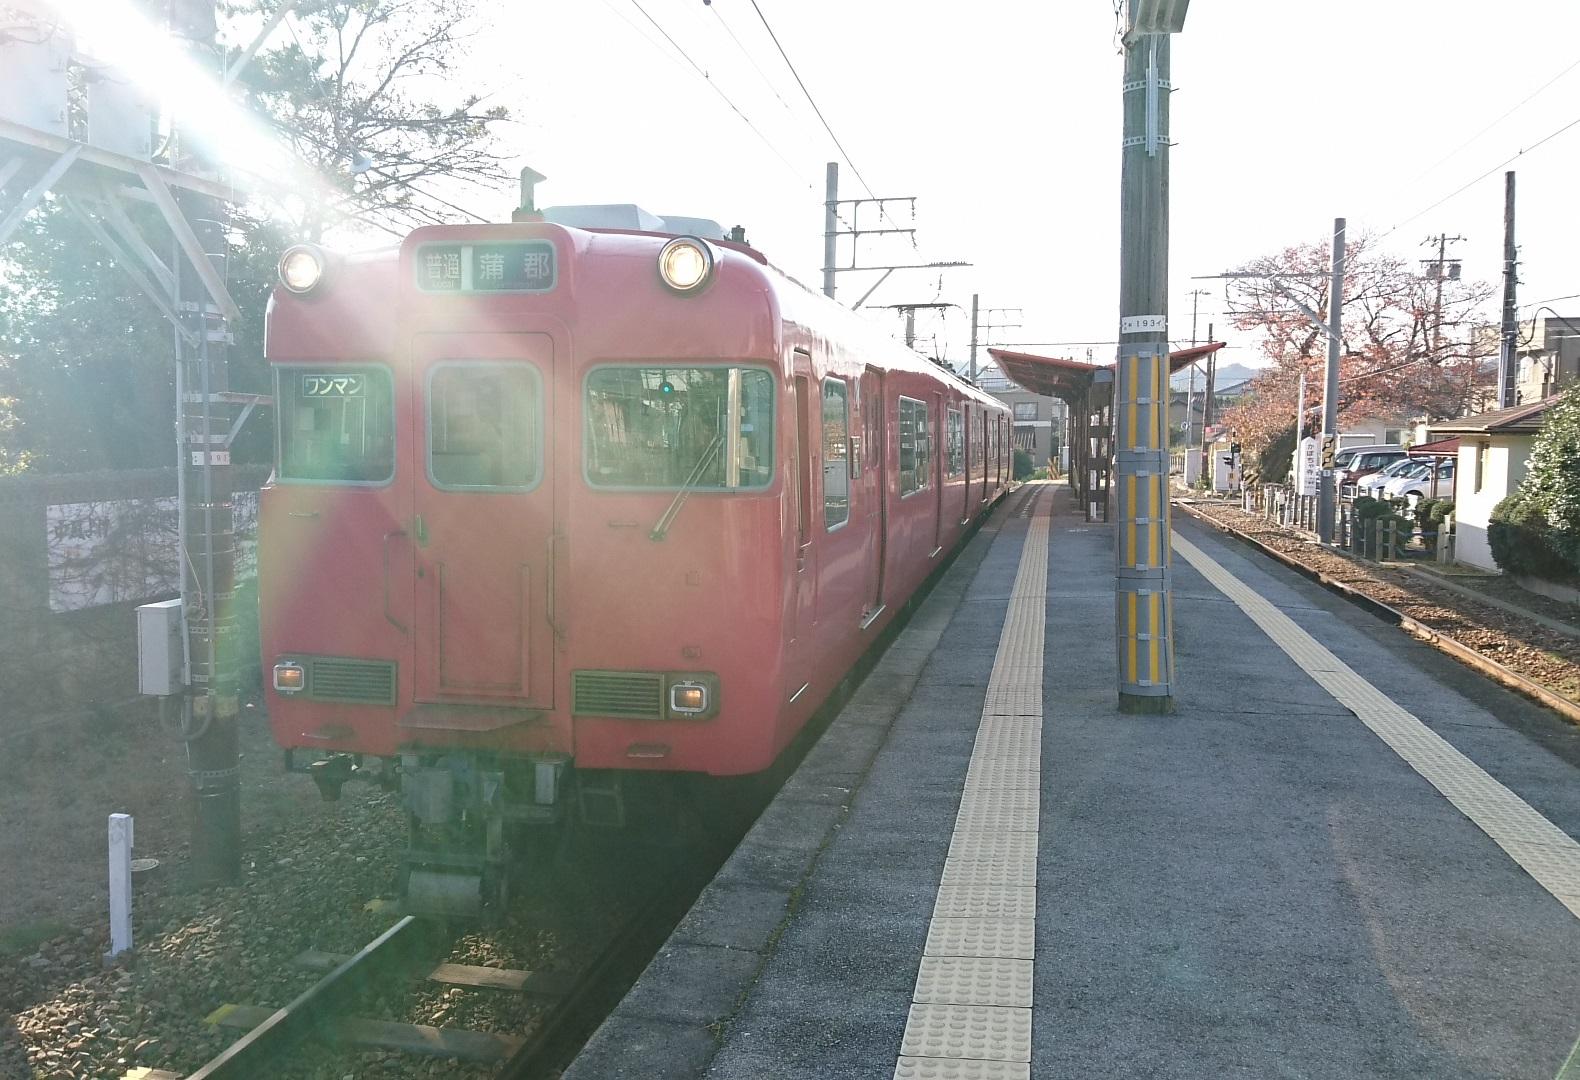 217.11.28 東幡豆 (31) 東幡豆 -  蒲郡いきふつう 1580-1080